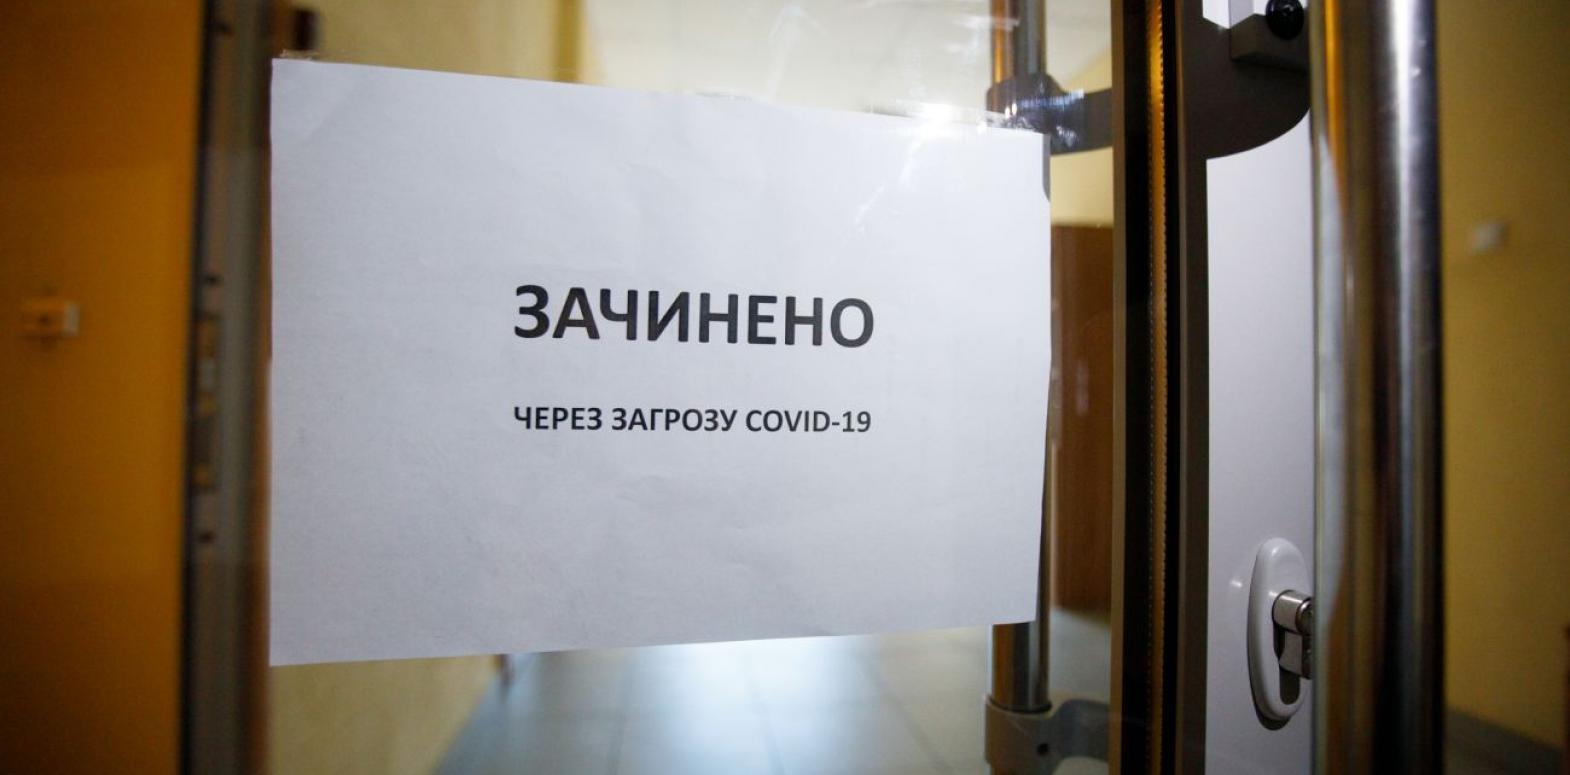 """Бизнес с началом кризиса частично ушел в """"тень"""", - Минэкономики"""